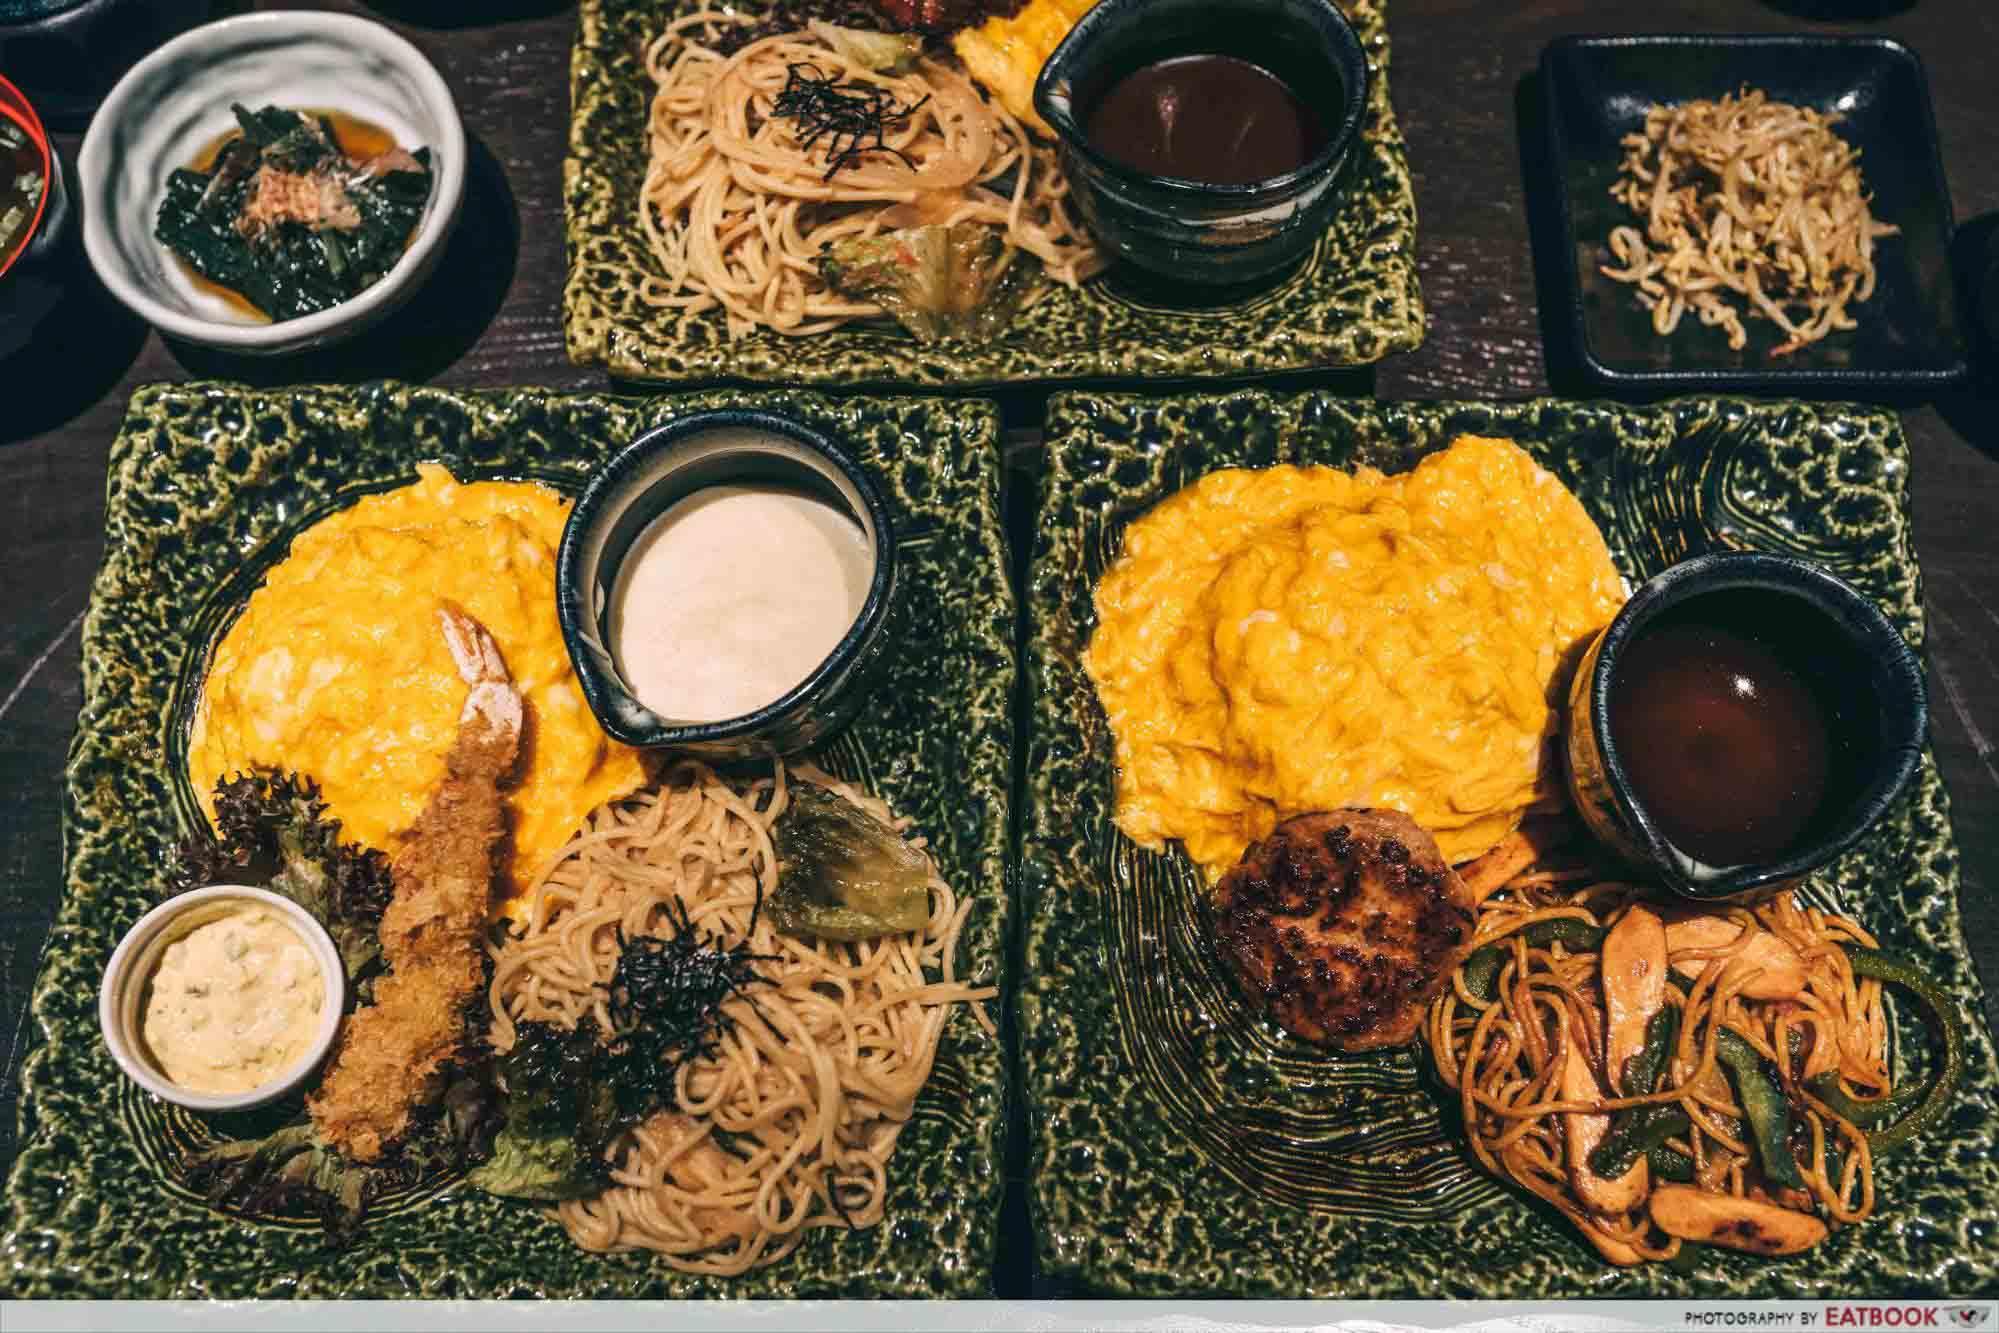 new restaurants february omurice keisuke flatlay